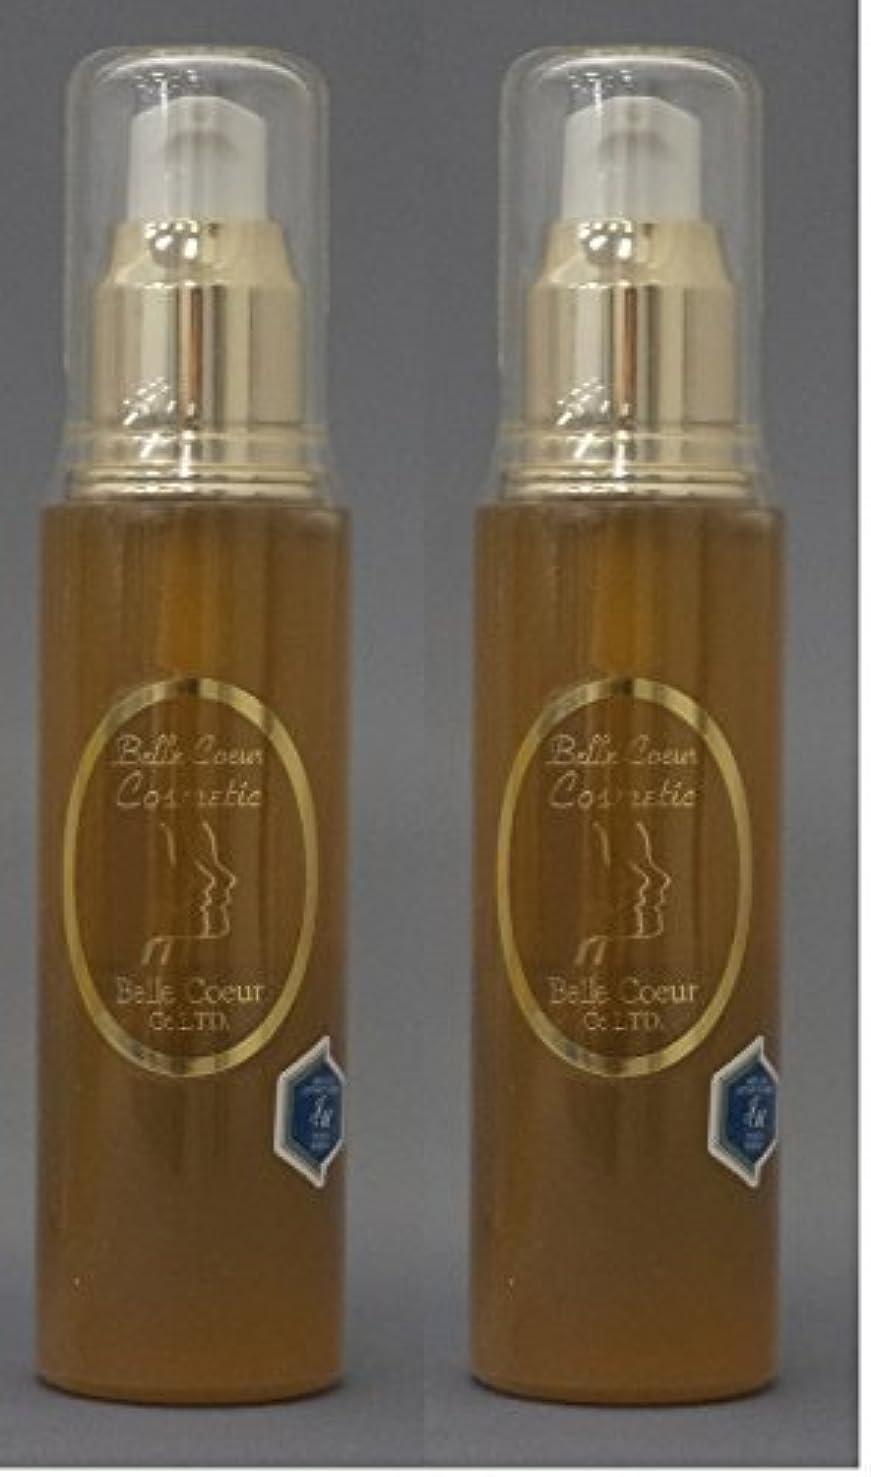 ペルソナ分析的契約するベル?クール研究所 育毛用スカルプエッセンス ヘアナリッシュエンジェルエッセンス M80ml×2本 合成香料?着色料?無添加